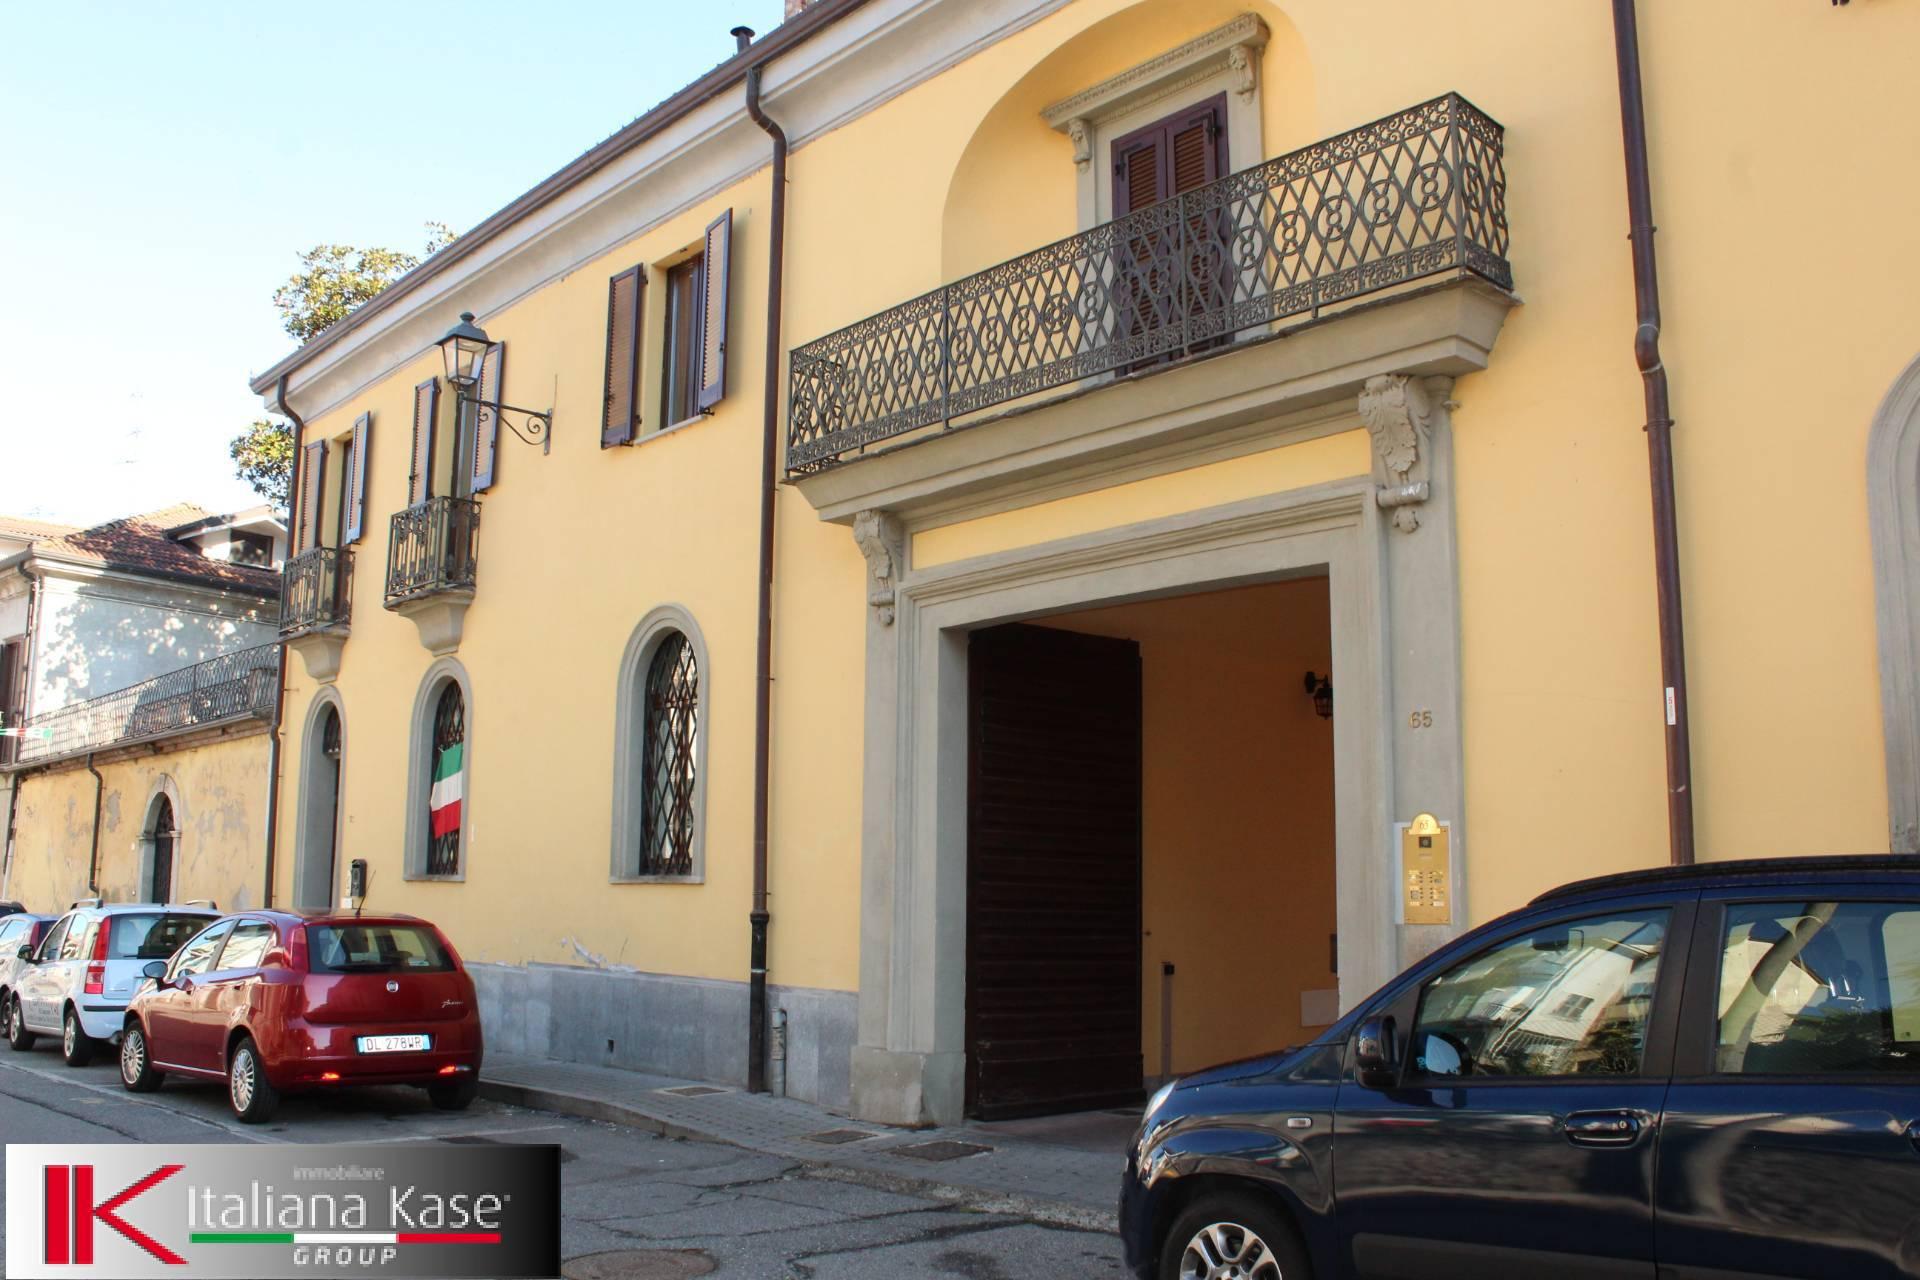 Ufficio / Studio in affitto a Gassino Torinese, 2 locali, zona Località: GassinoTorinese, prezzo € 500 | PortaleAgenzieImmobiliari.it